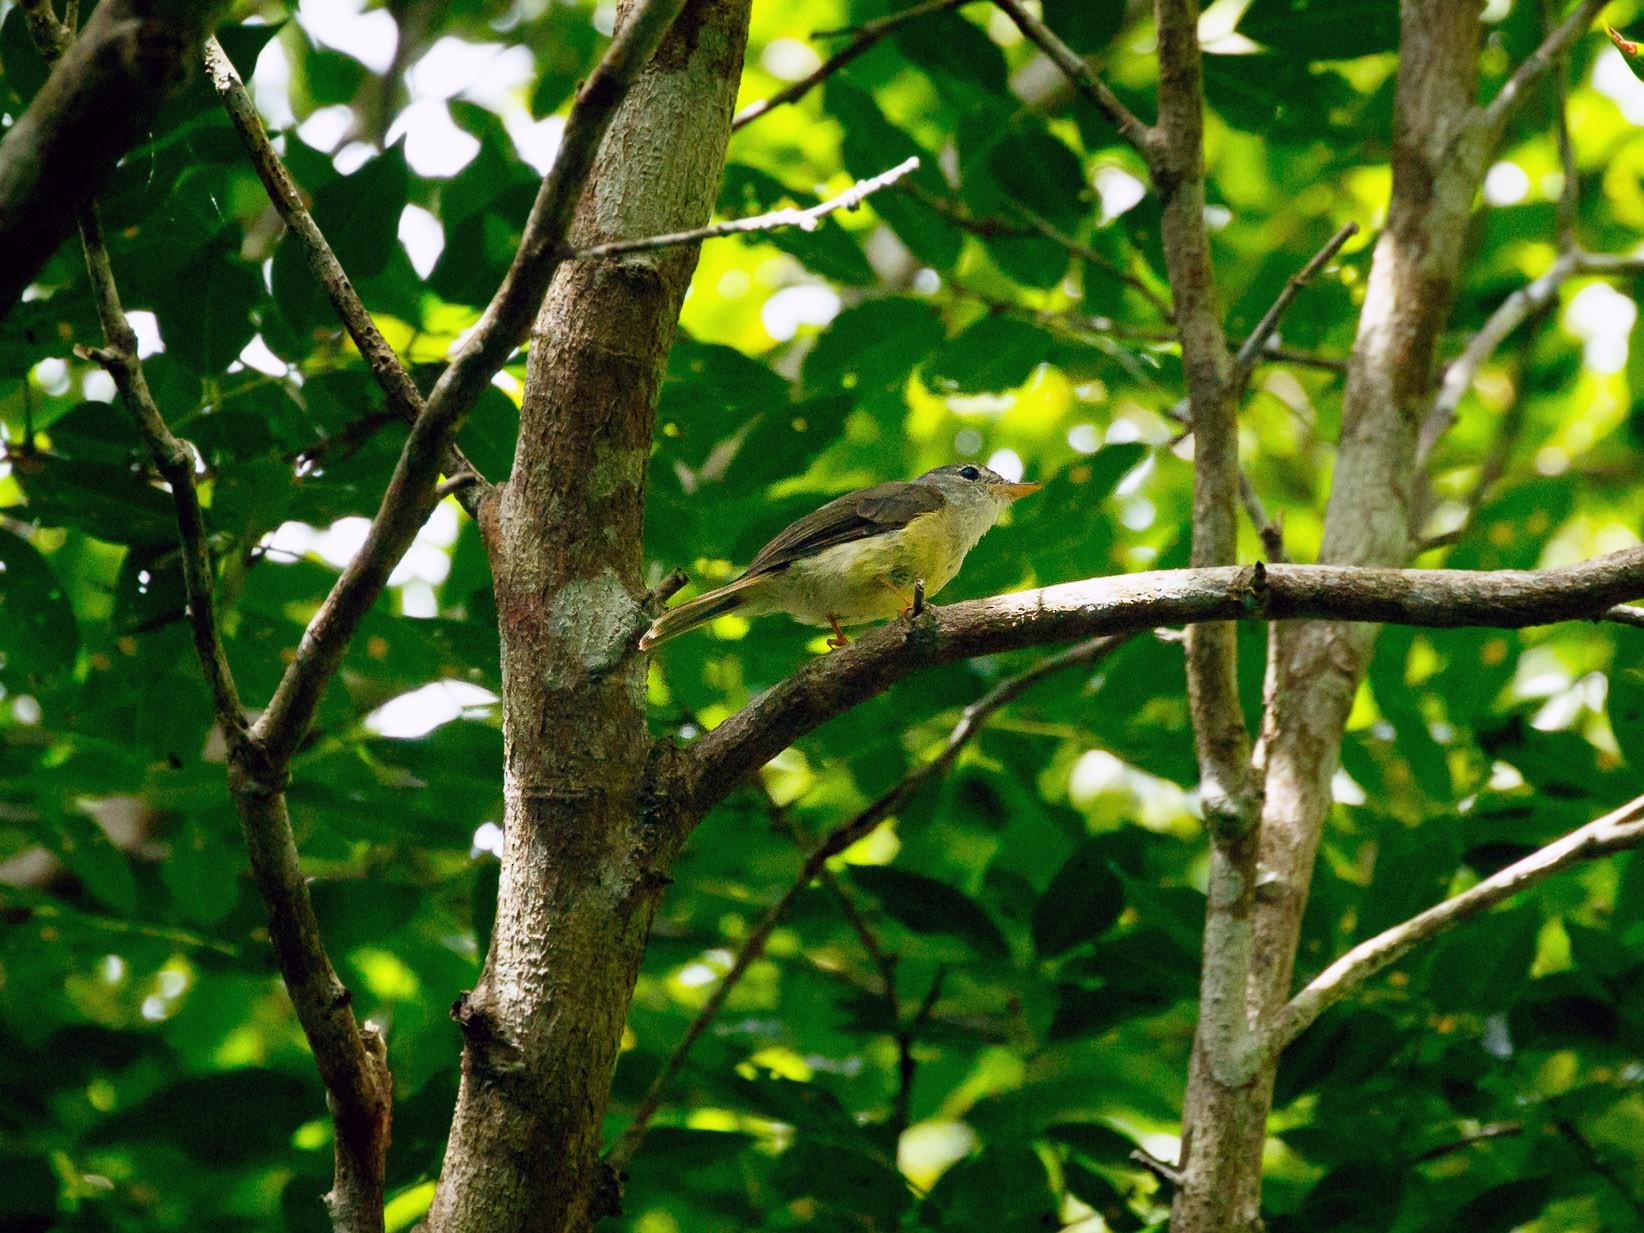 Yellow-legged Flycatcher - Luke Shelley